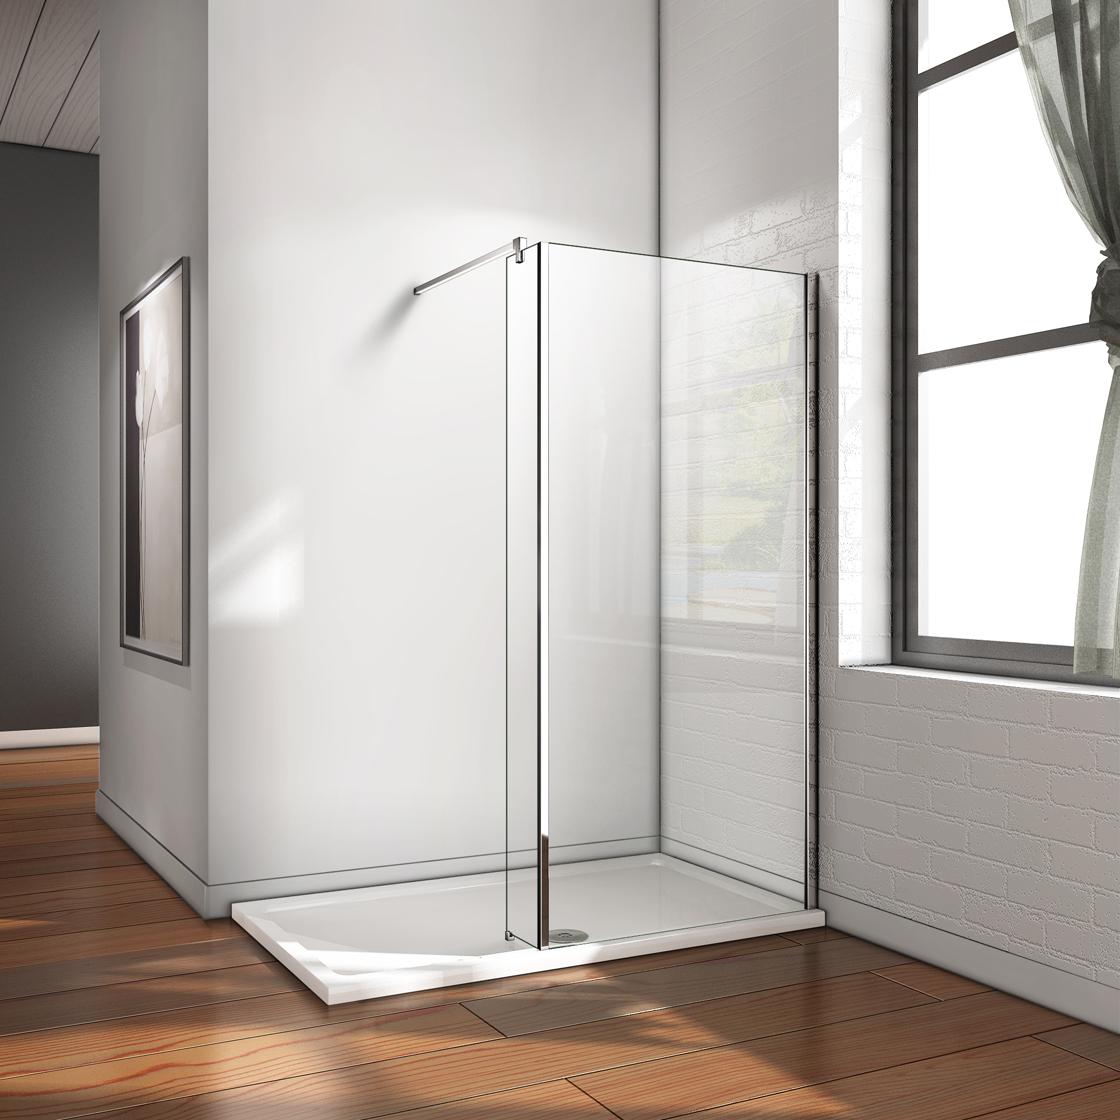 duschkabine duschabtrennung schiebet r eckeinstieg dusche. Black Bedroom Furniture Sets. Home Design Ideas